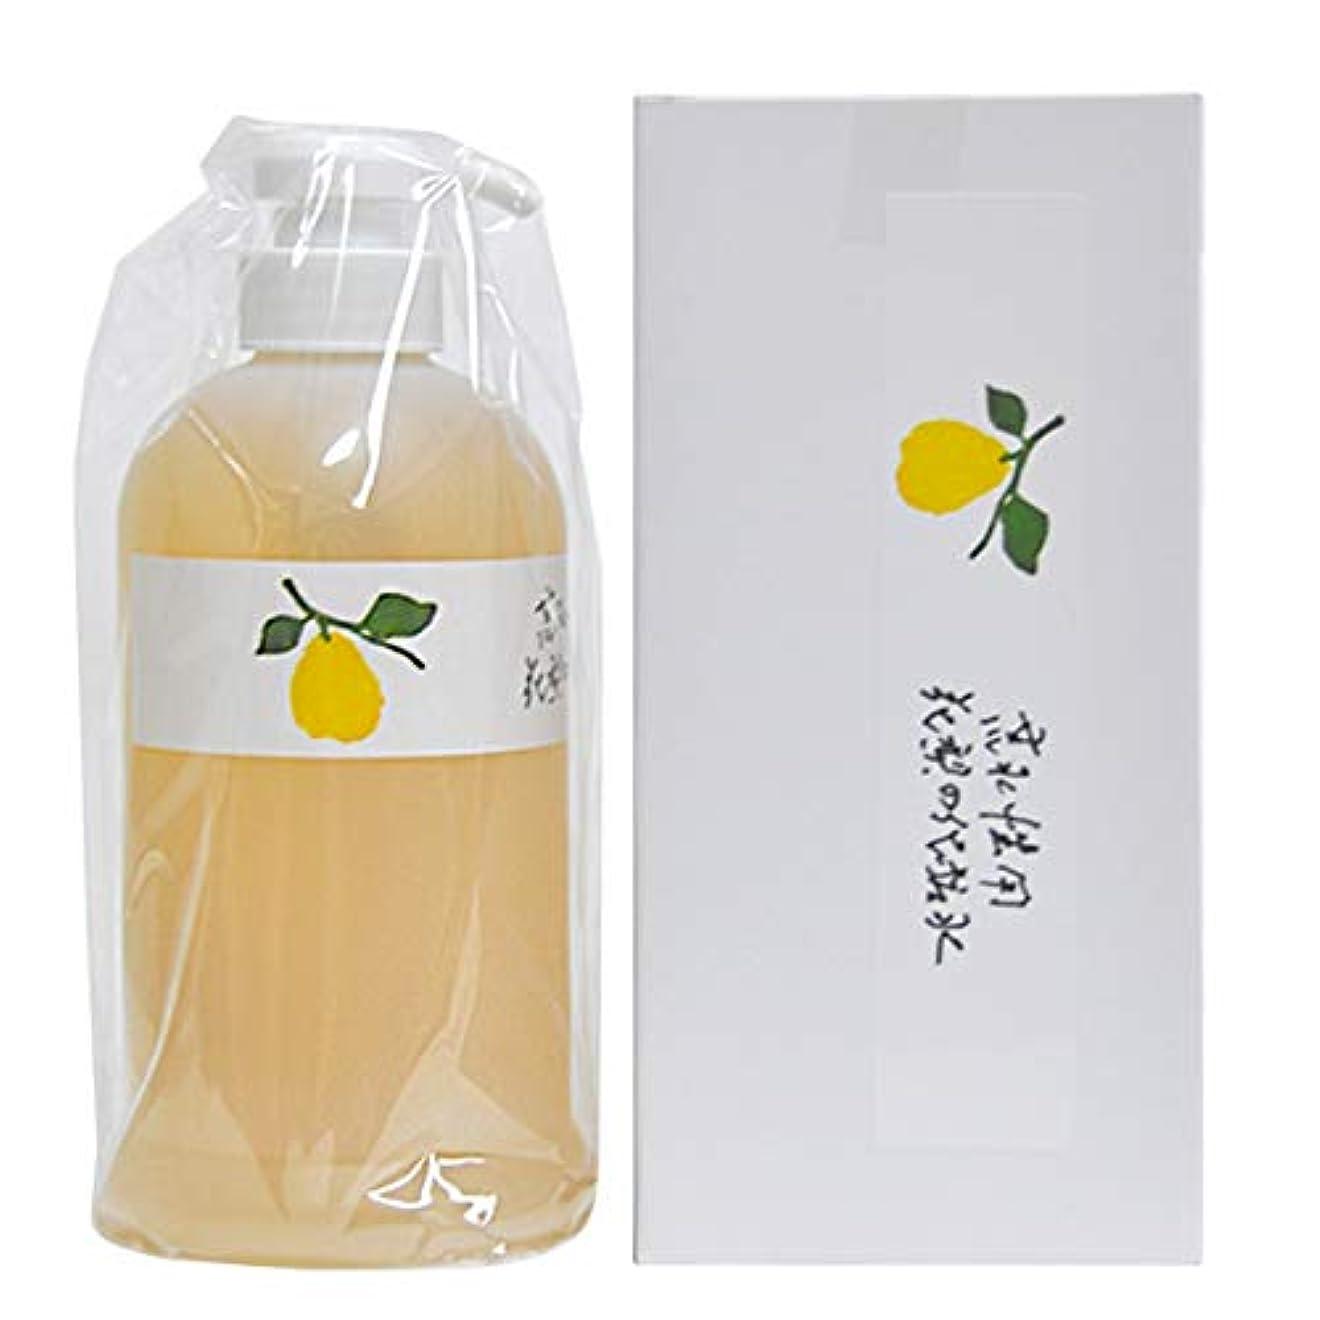 中世の主人閲覧する花梨の化粧水 お徳用ホームサイズ 630ml